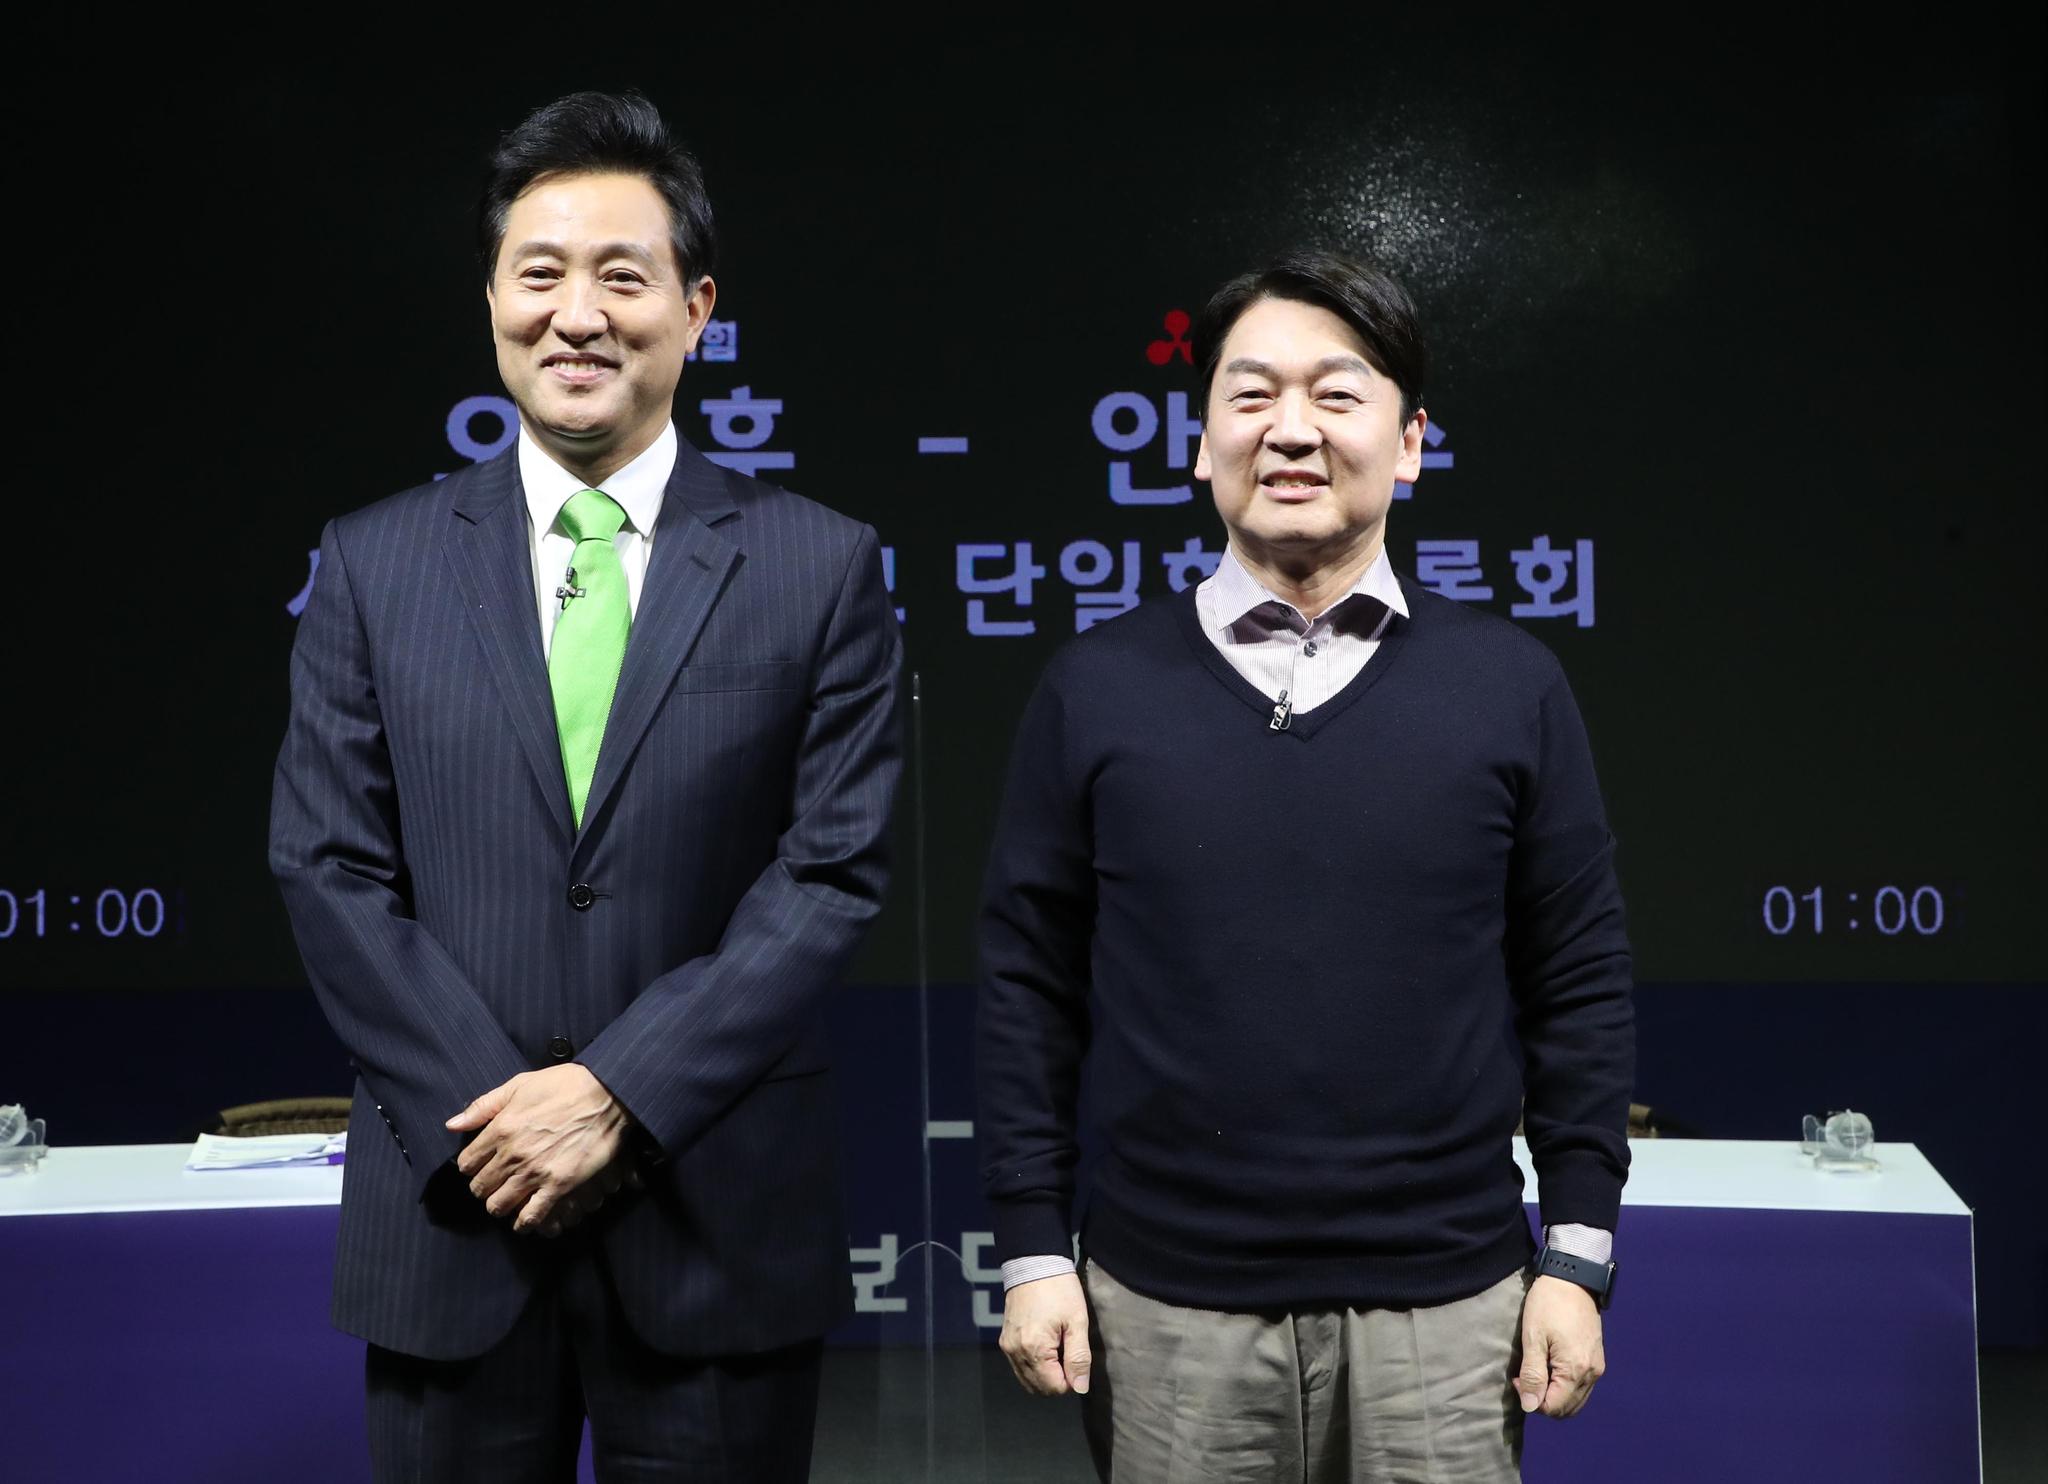 오세훈 국민의힘 서울시장 후보(왼쪽)와 안철수 국민의당 서울시장 후보. 중앙포토